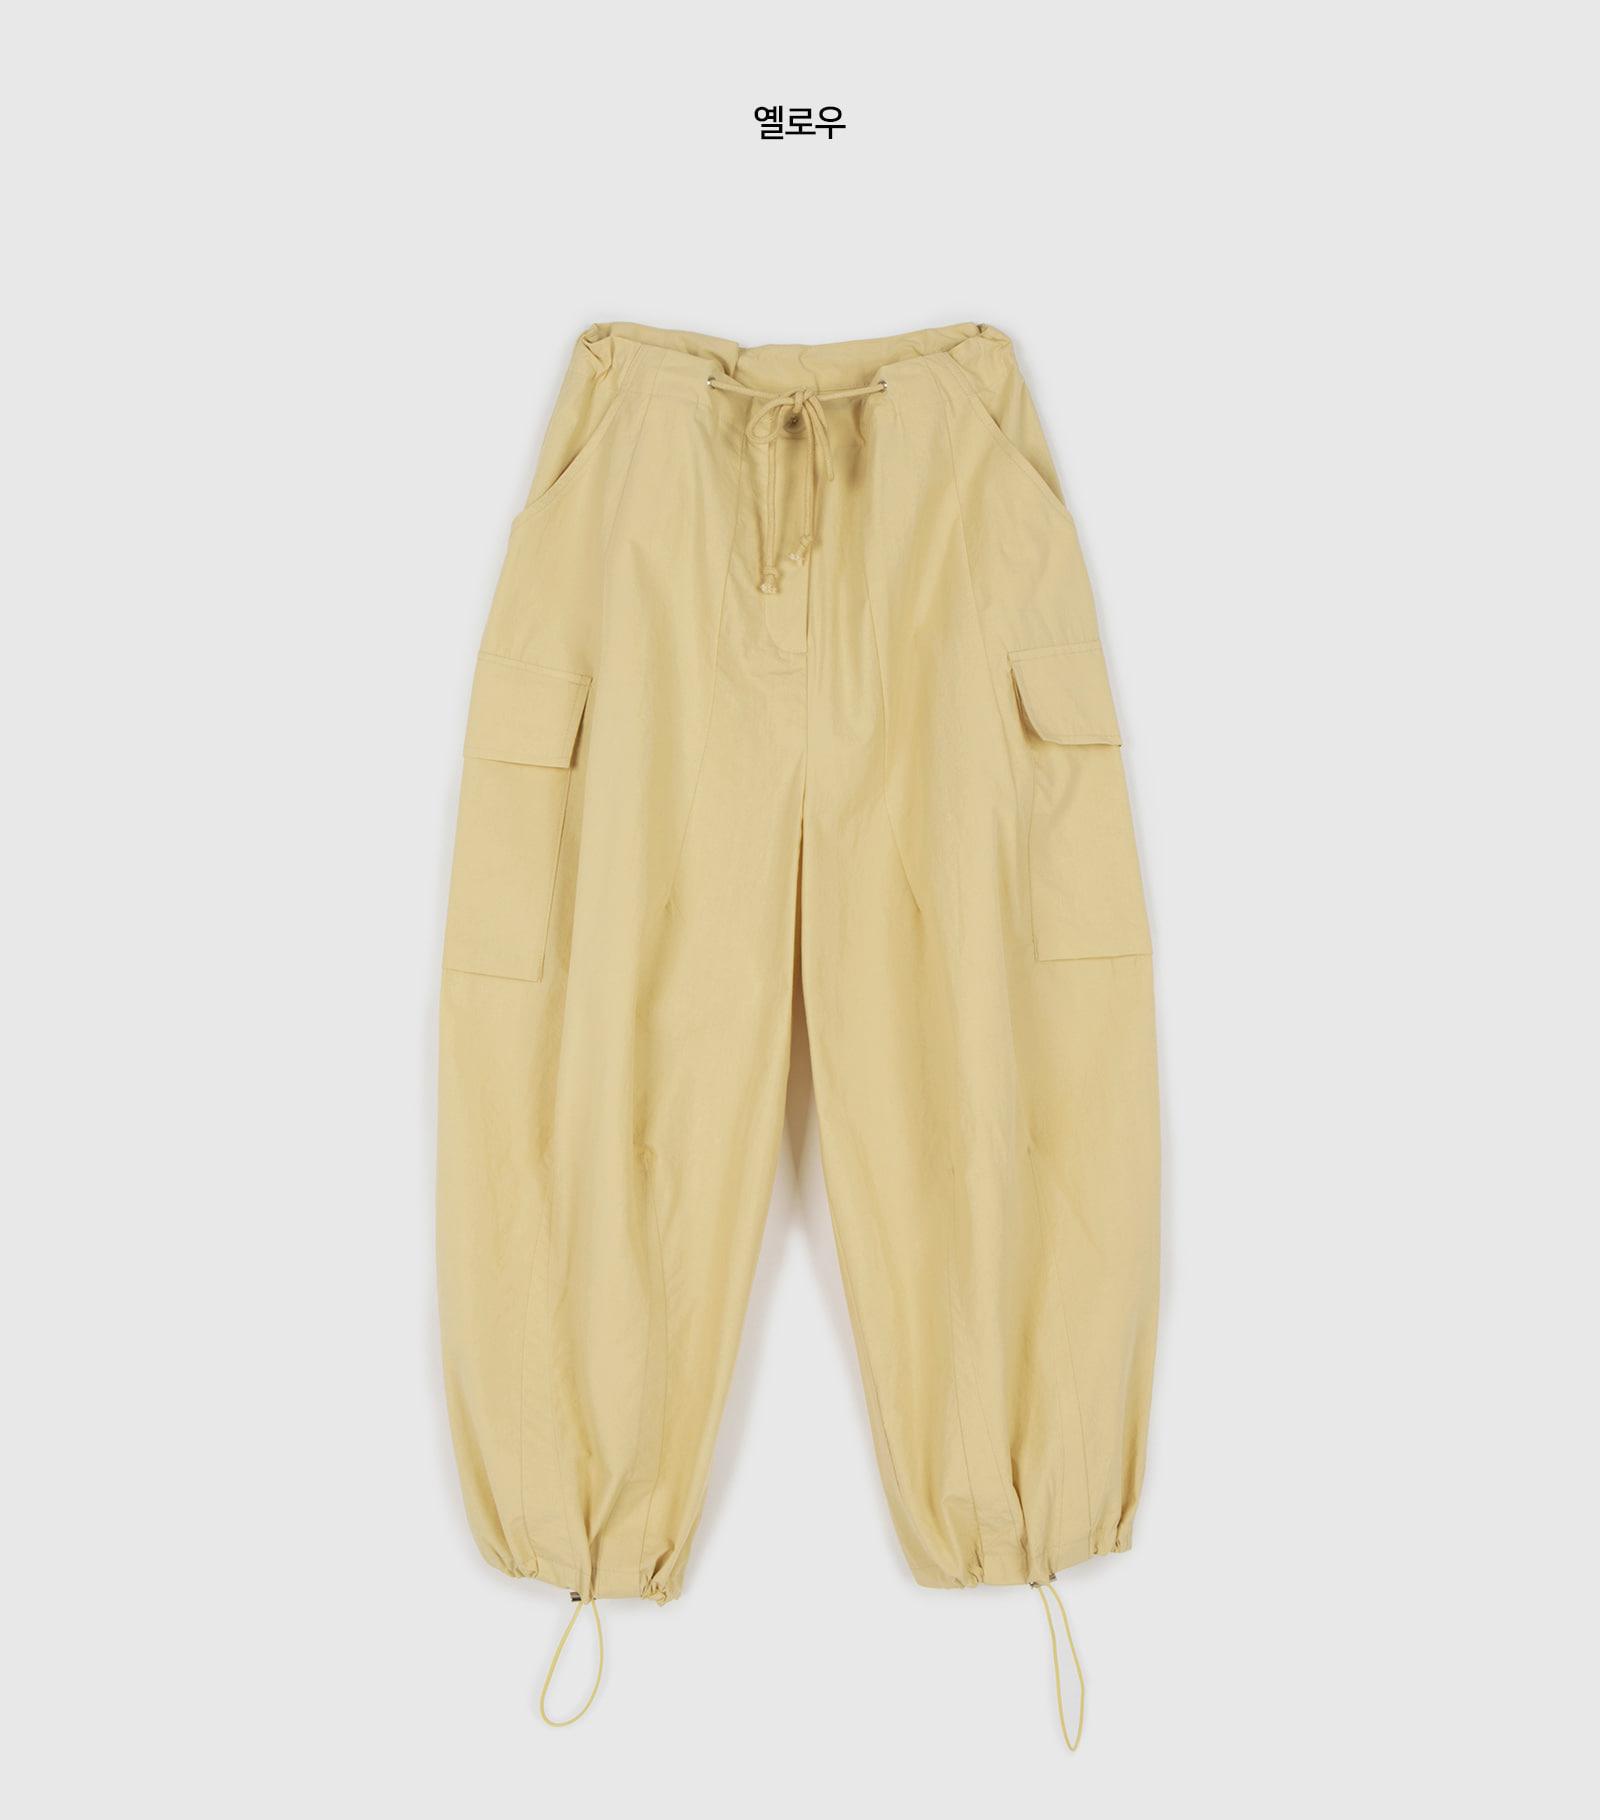 Adi pocket jogger pants